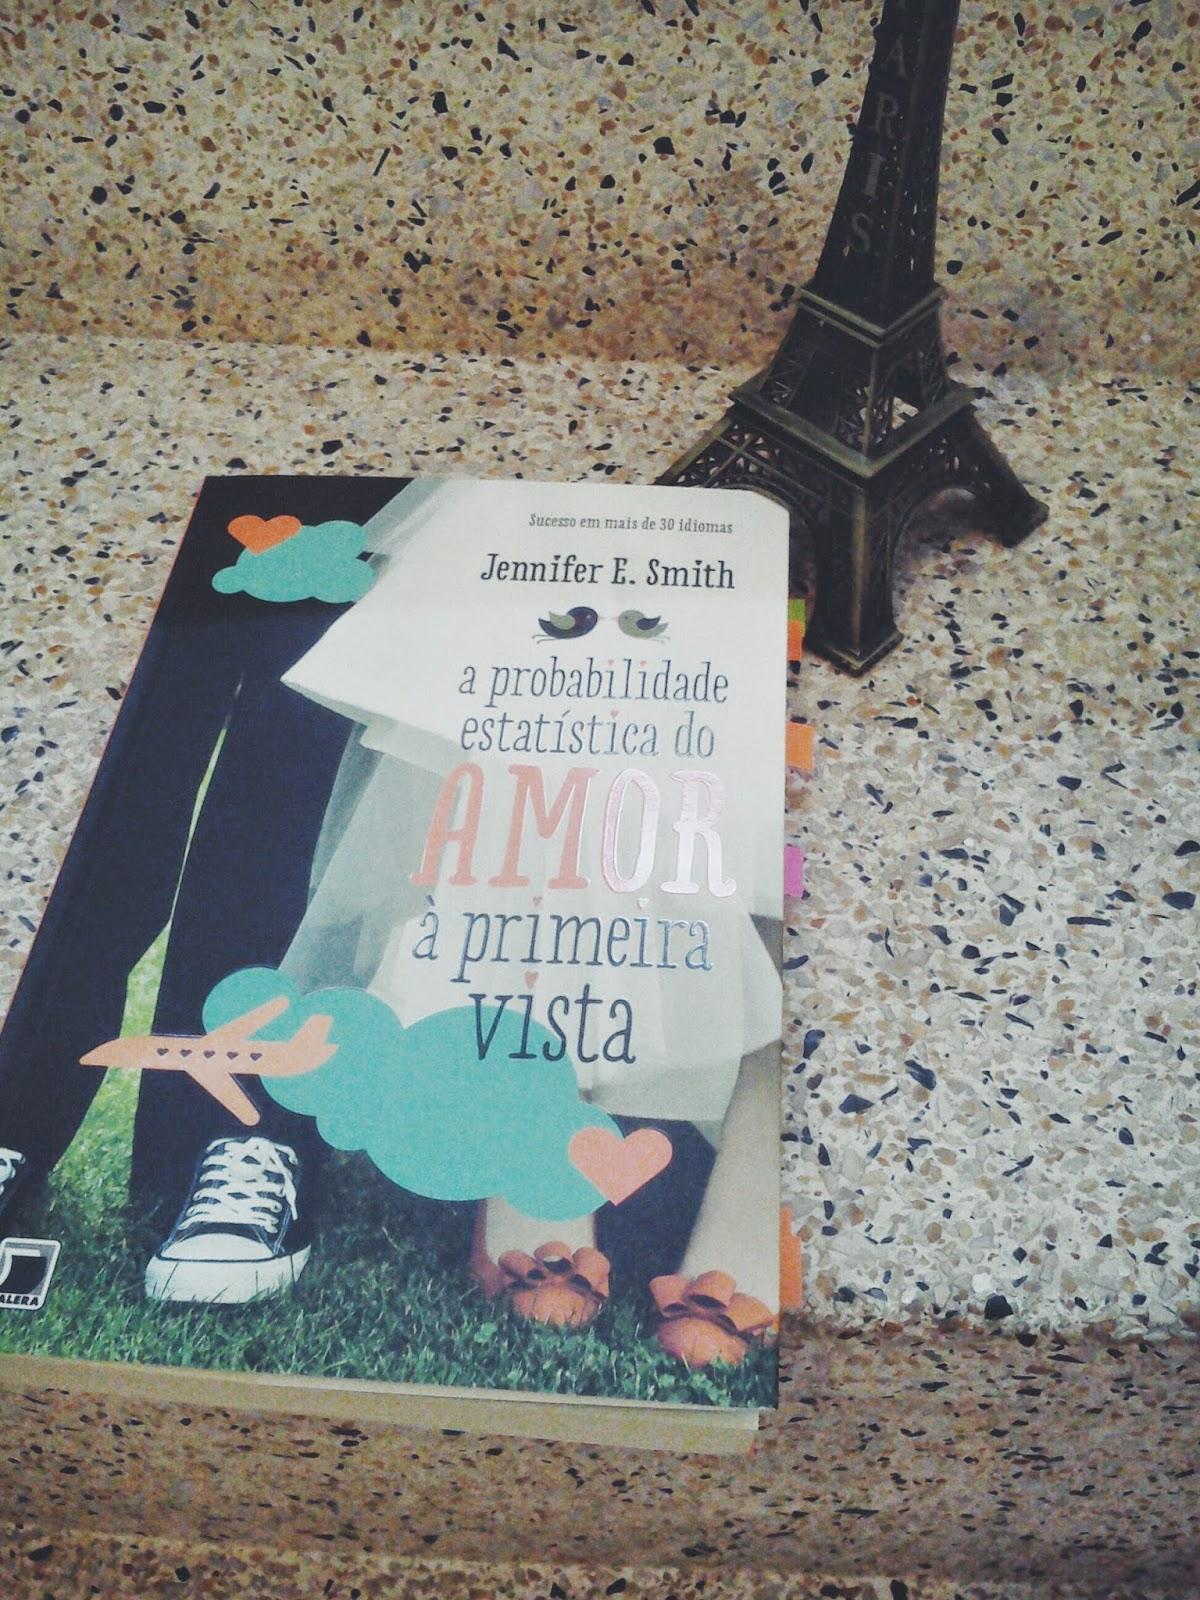 2014 07 17+03.24.26+1 - A Probabilidade Estatística do Amor à Primeira Vista - Jennifer E. Smith